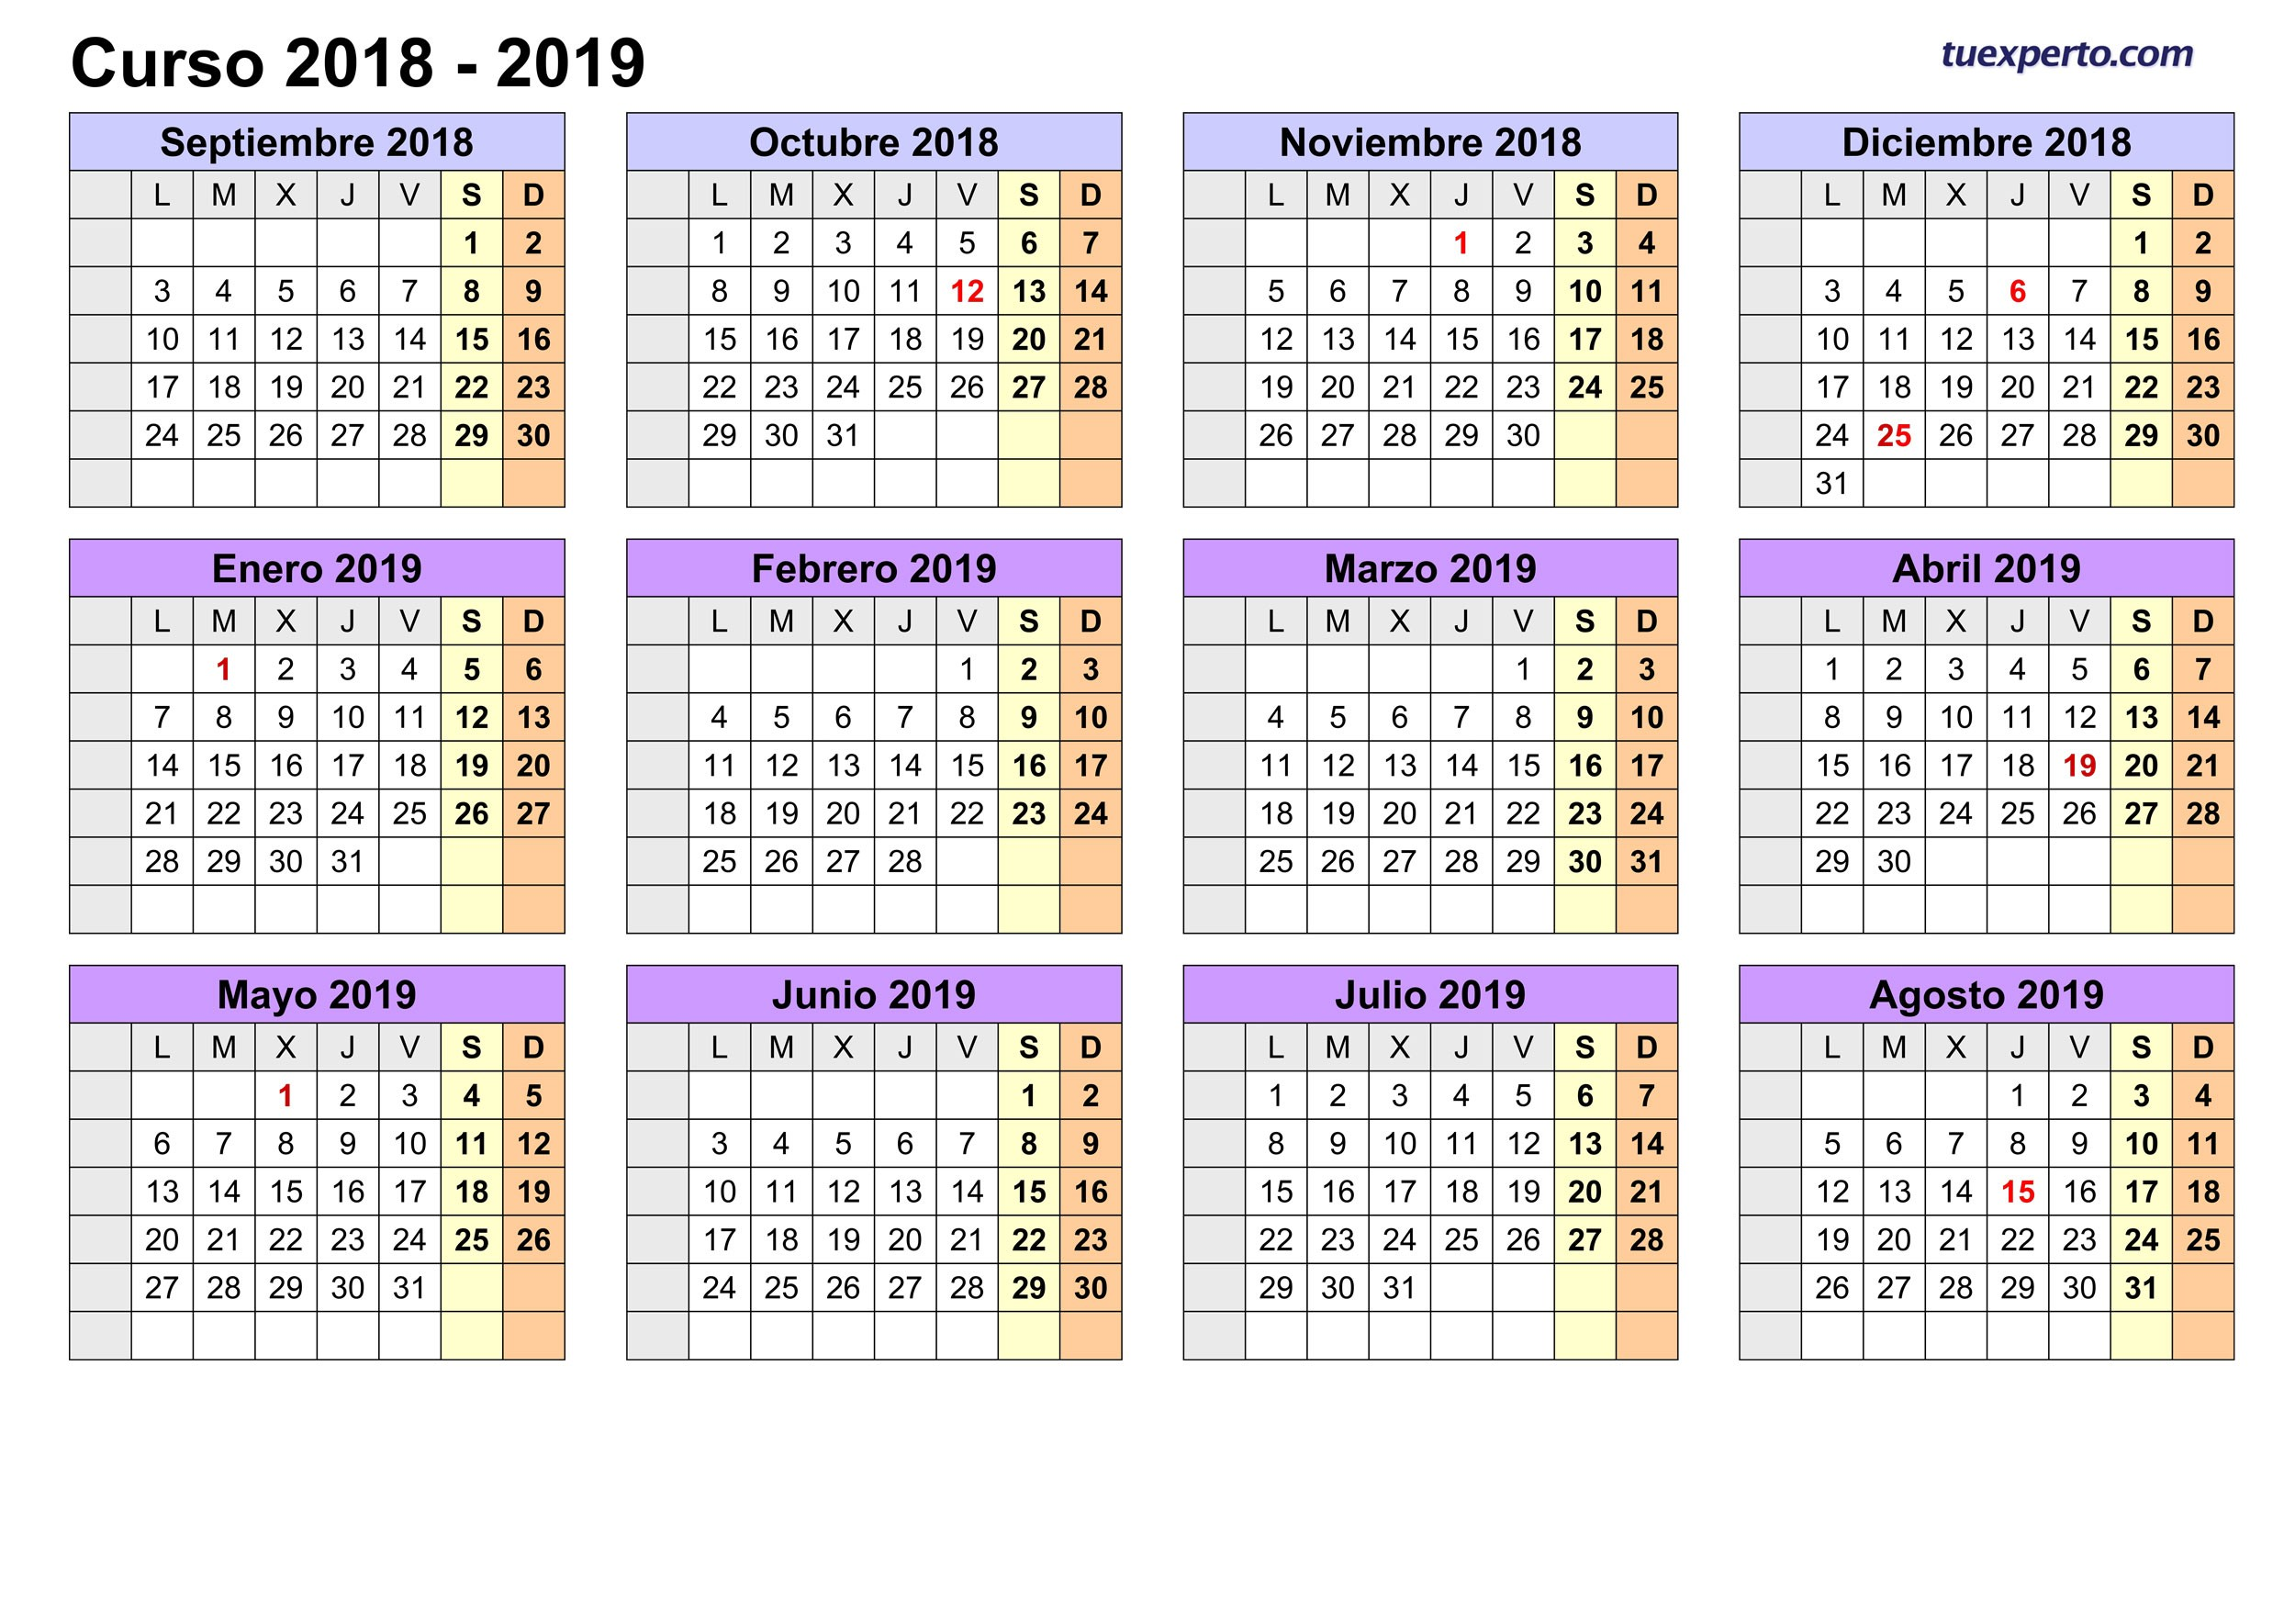 Imprimir Calendario En Word Más Populares Calendario Escolar 2018 2019 Más De 100 Plantillas E Imágenes Para Of Imprimir Calendario En Word Más Actual Juillet 2018 Calendrier Imprimable Gratuit